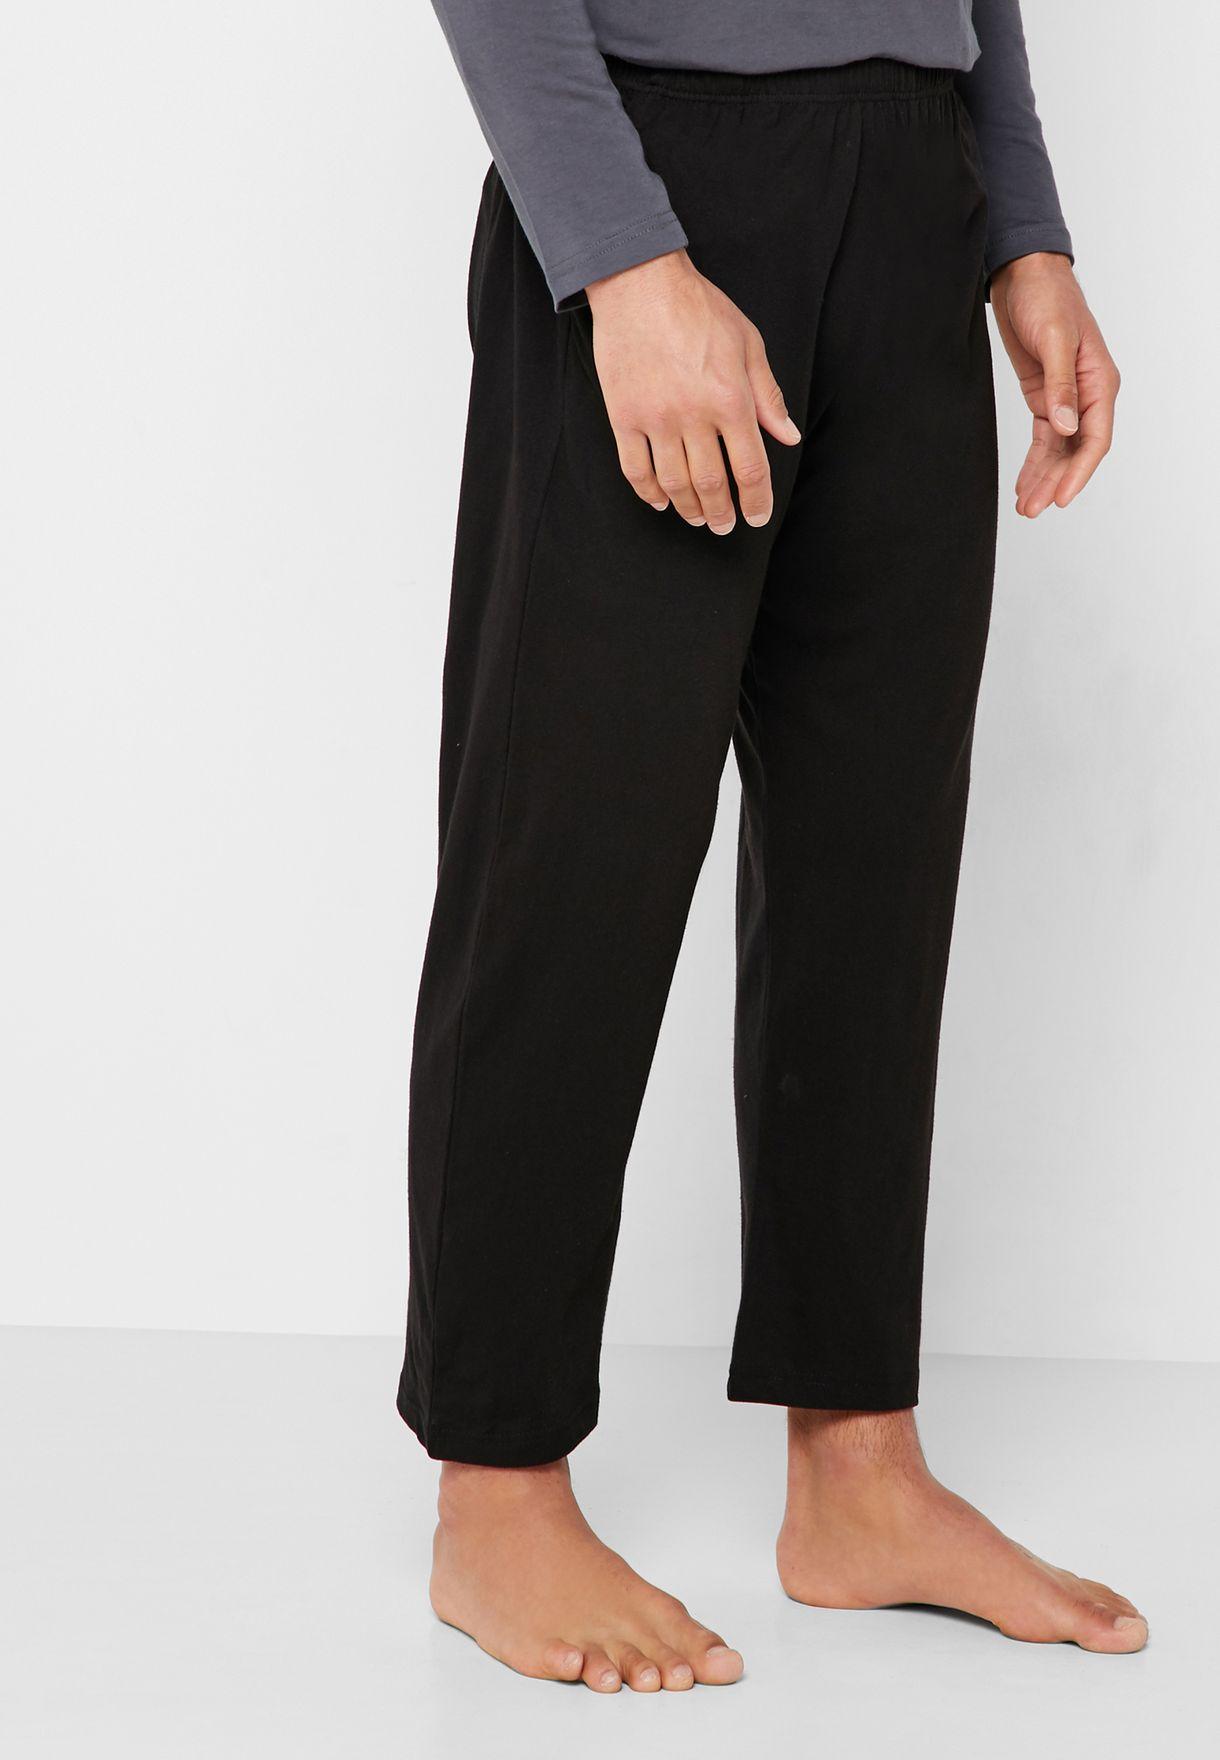 Long Sleeve Nightwear Set